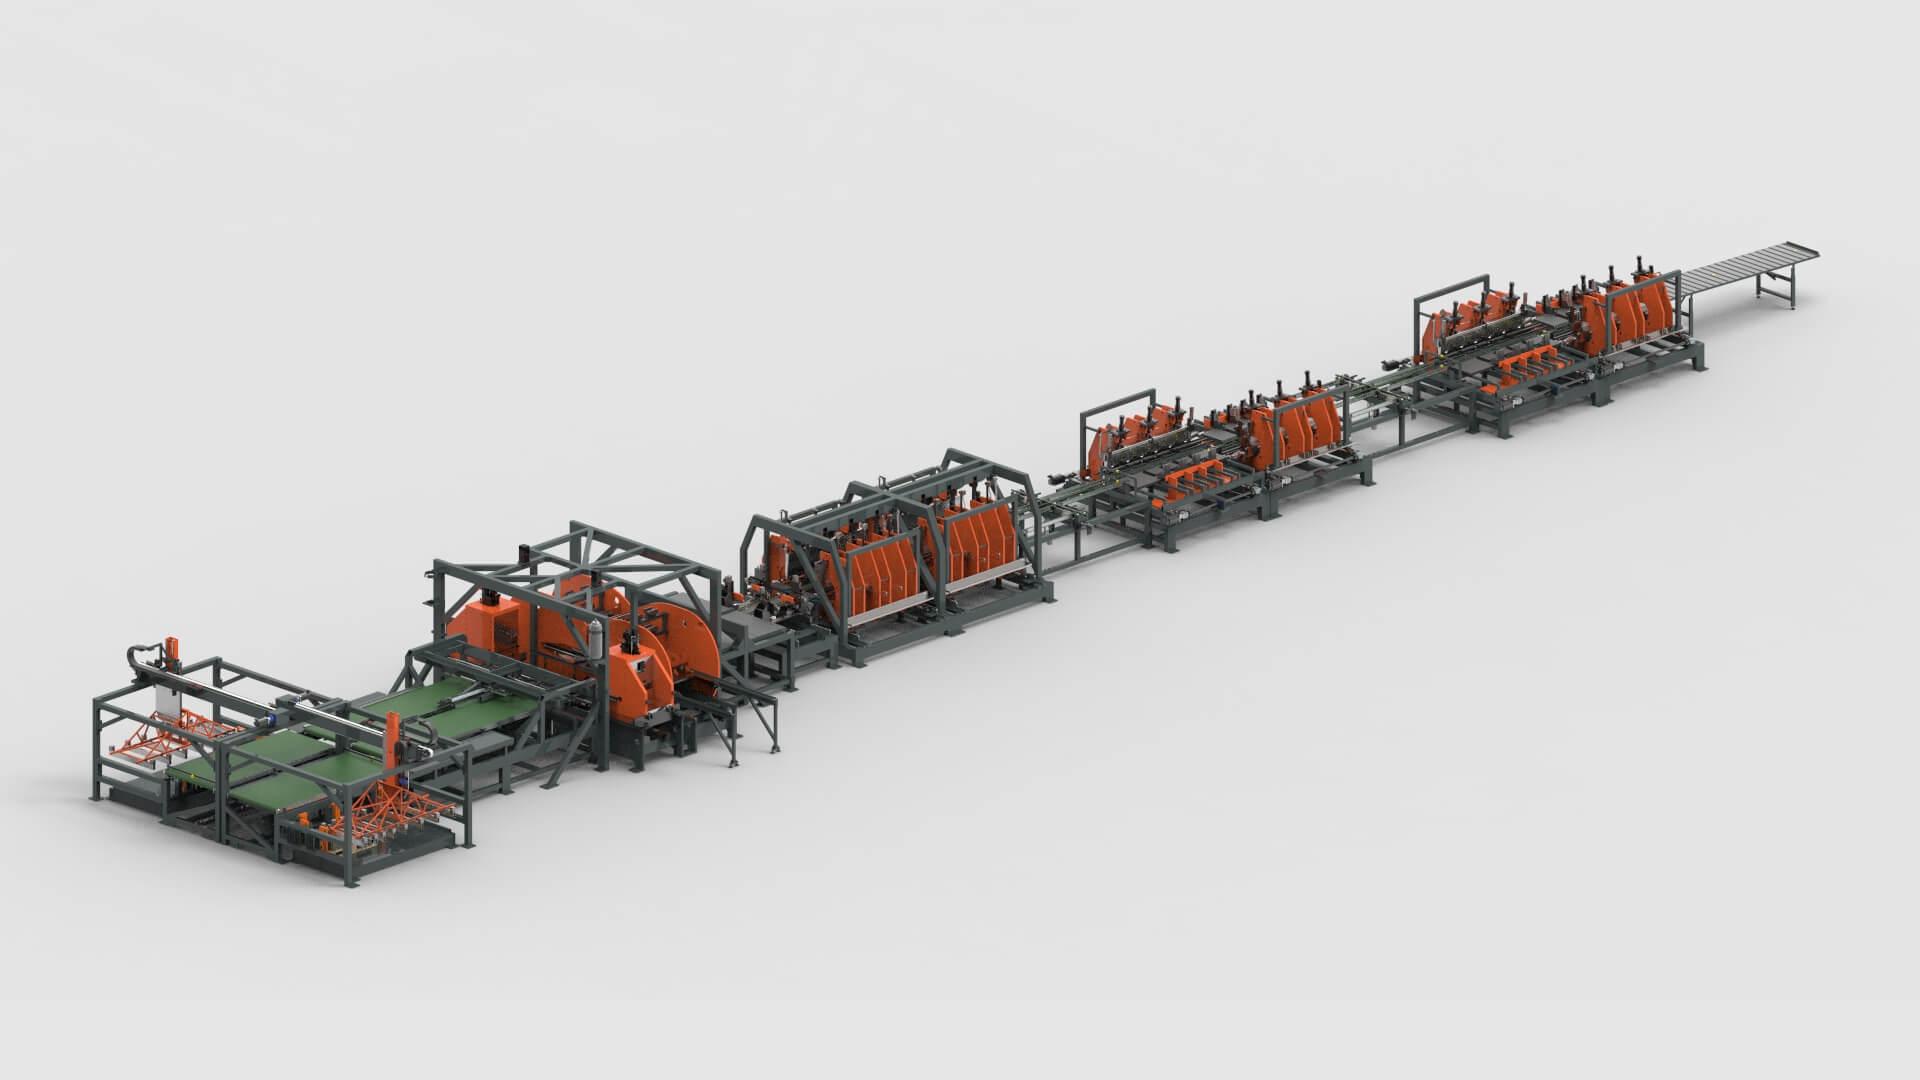 schaltschränke-blechbearbeitung-stanzen-bolzenschweissen-biegen-produktionslinie.jpg